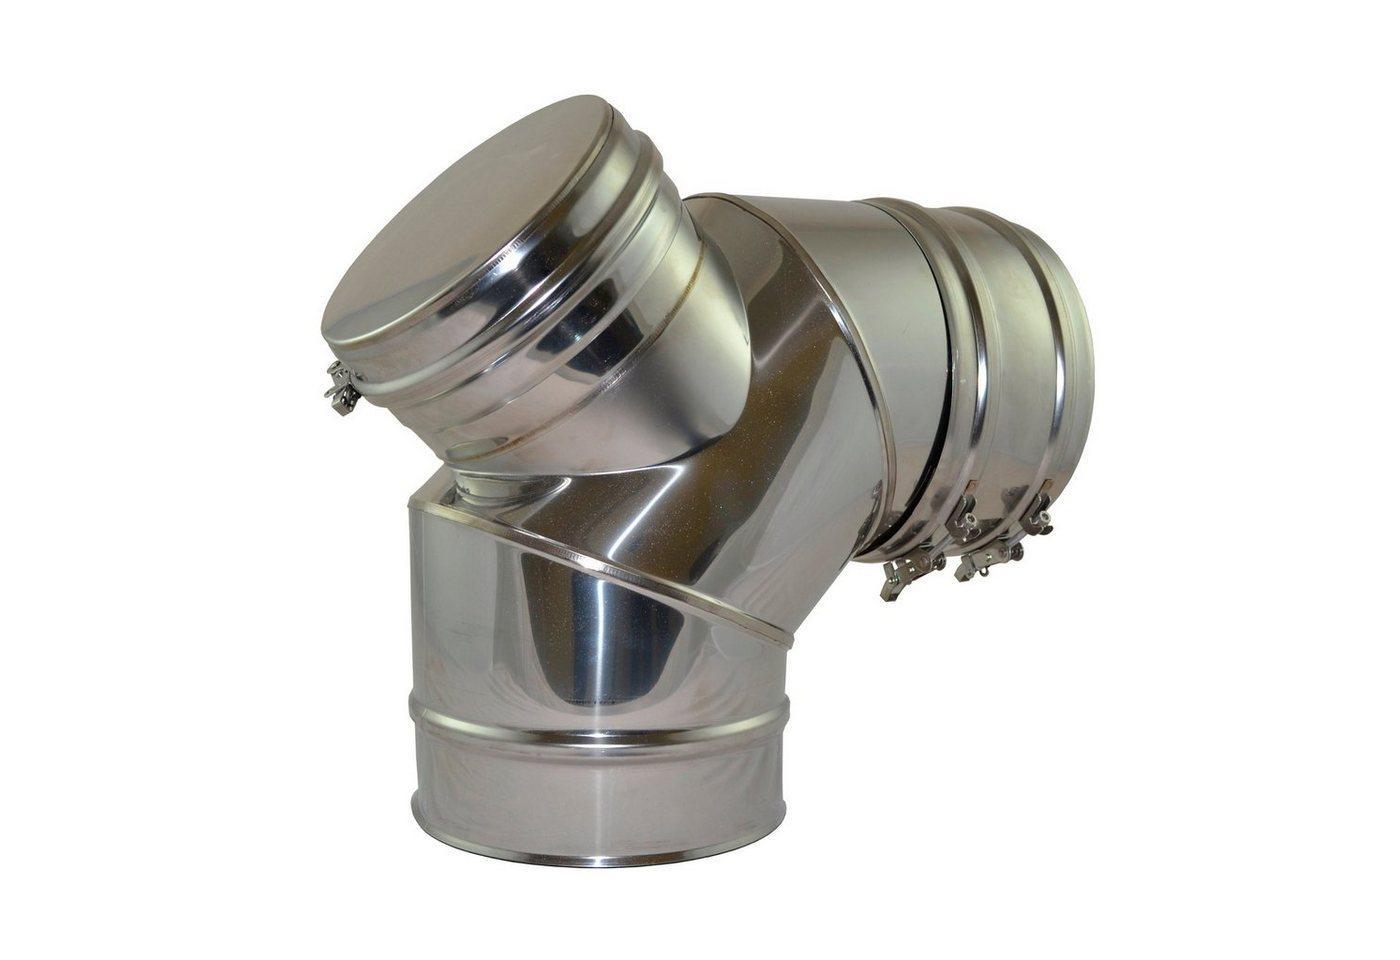 Zitec Ofenrohr Bogen, 150 mm, 90°, Bogenrohr